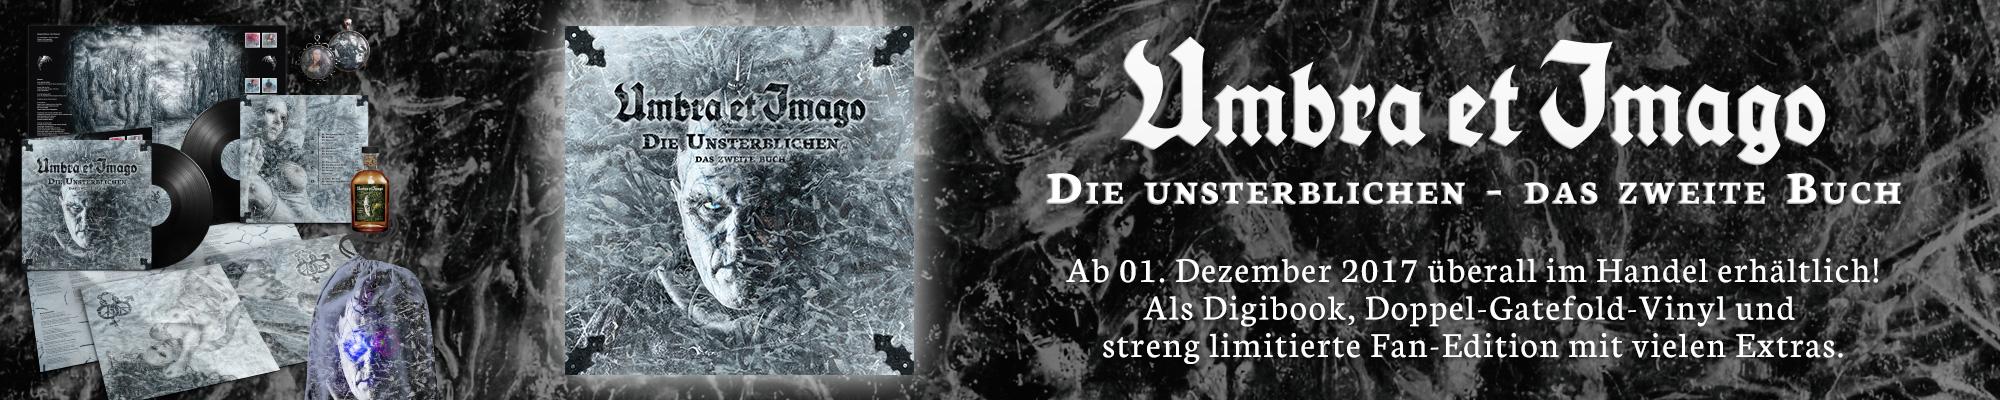 Banner-Umbra-2017